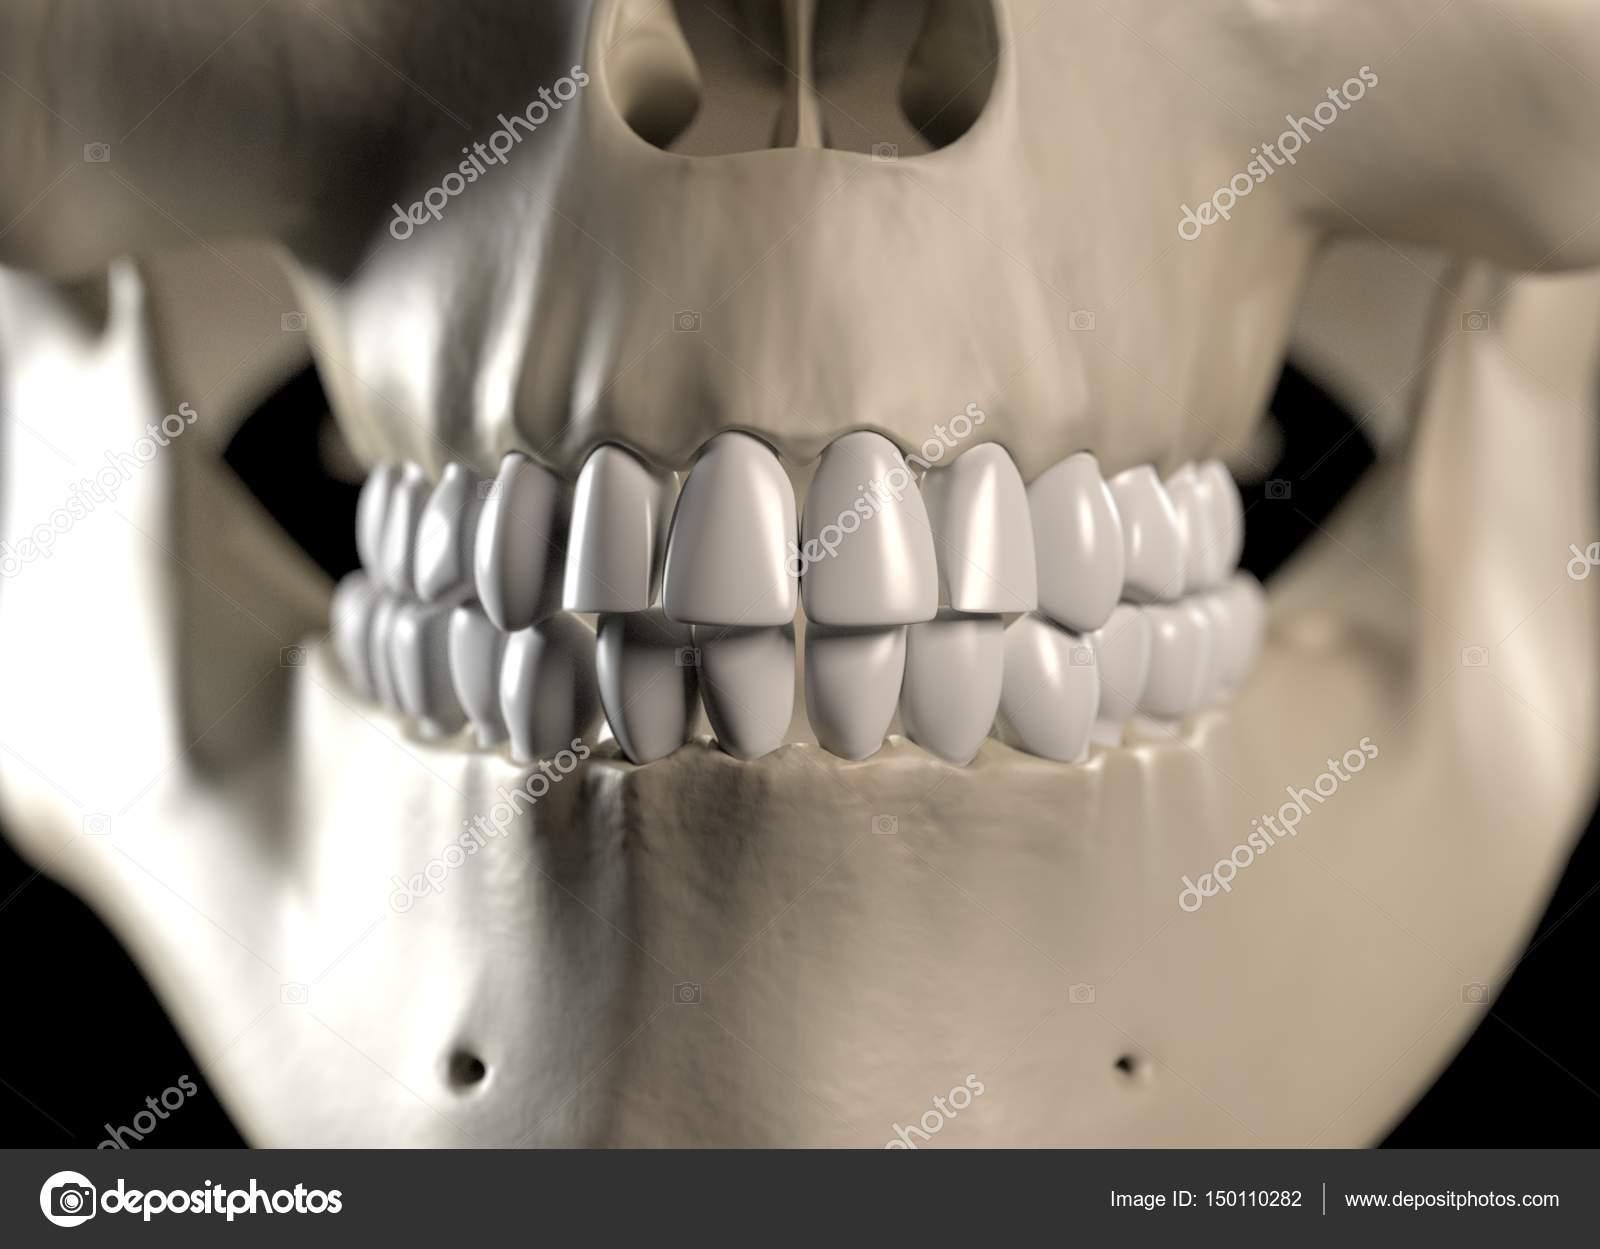 Human Teeth Anatomy Model Stock Photo Anatomyinsider 150110282